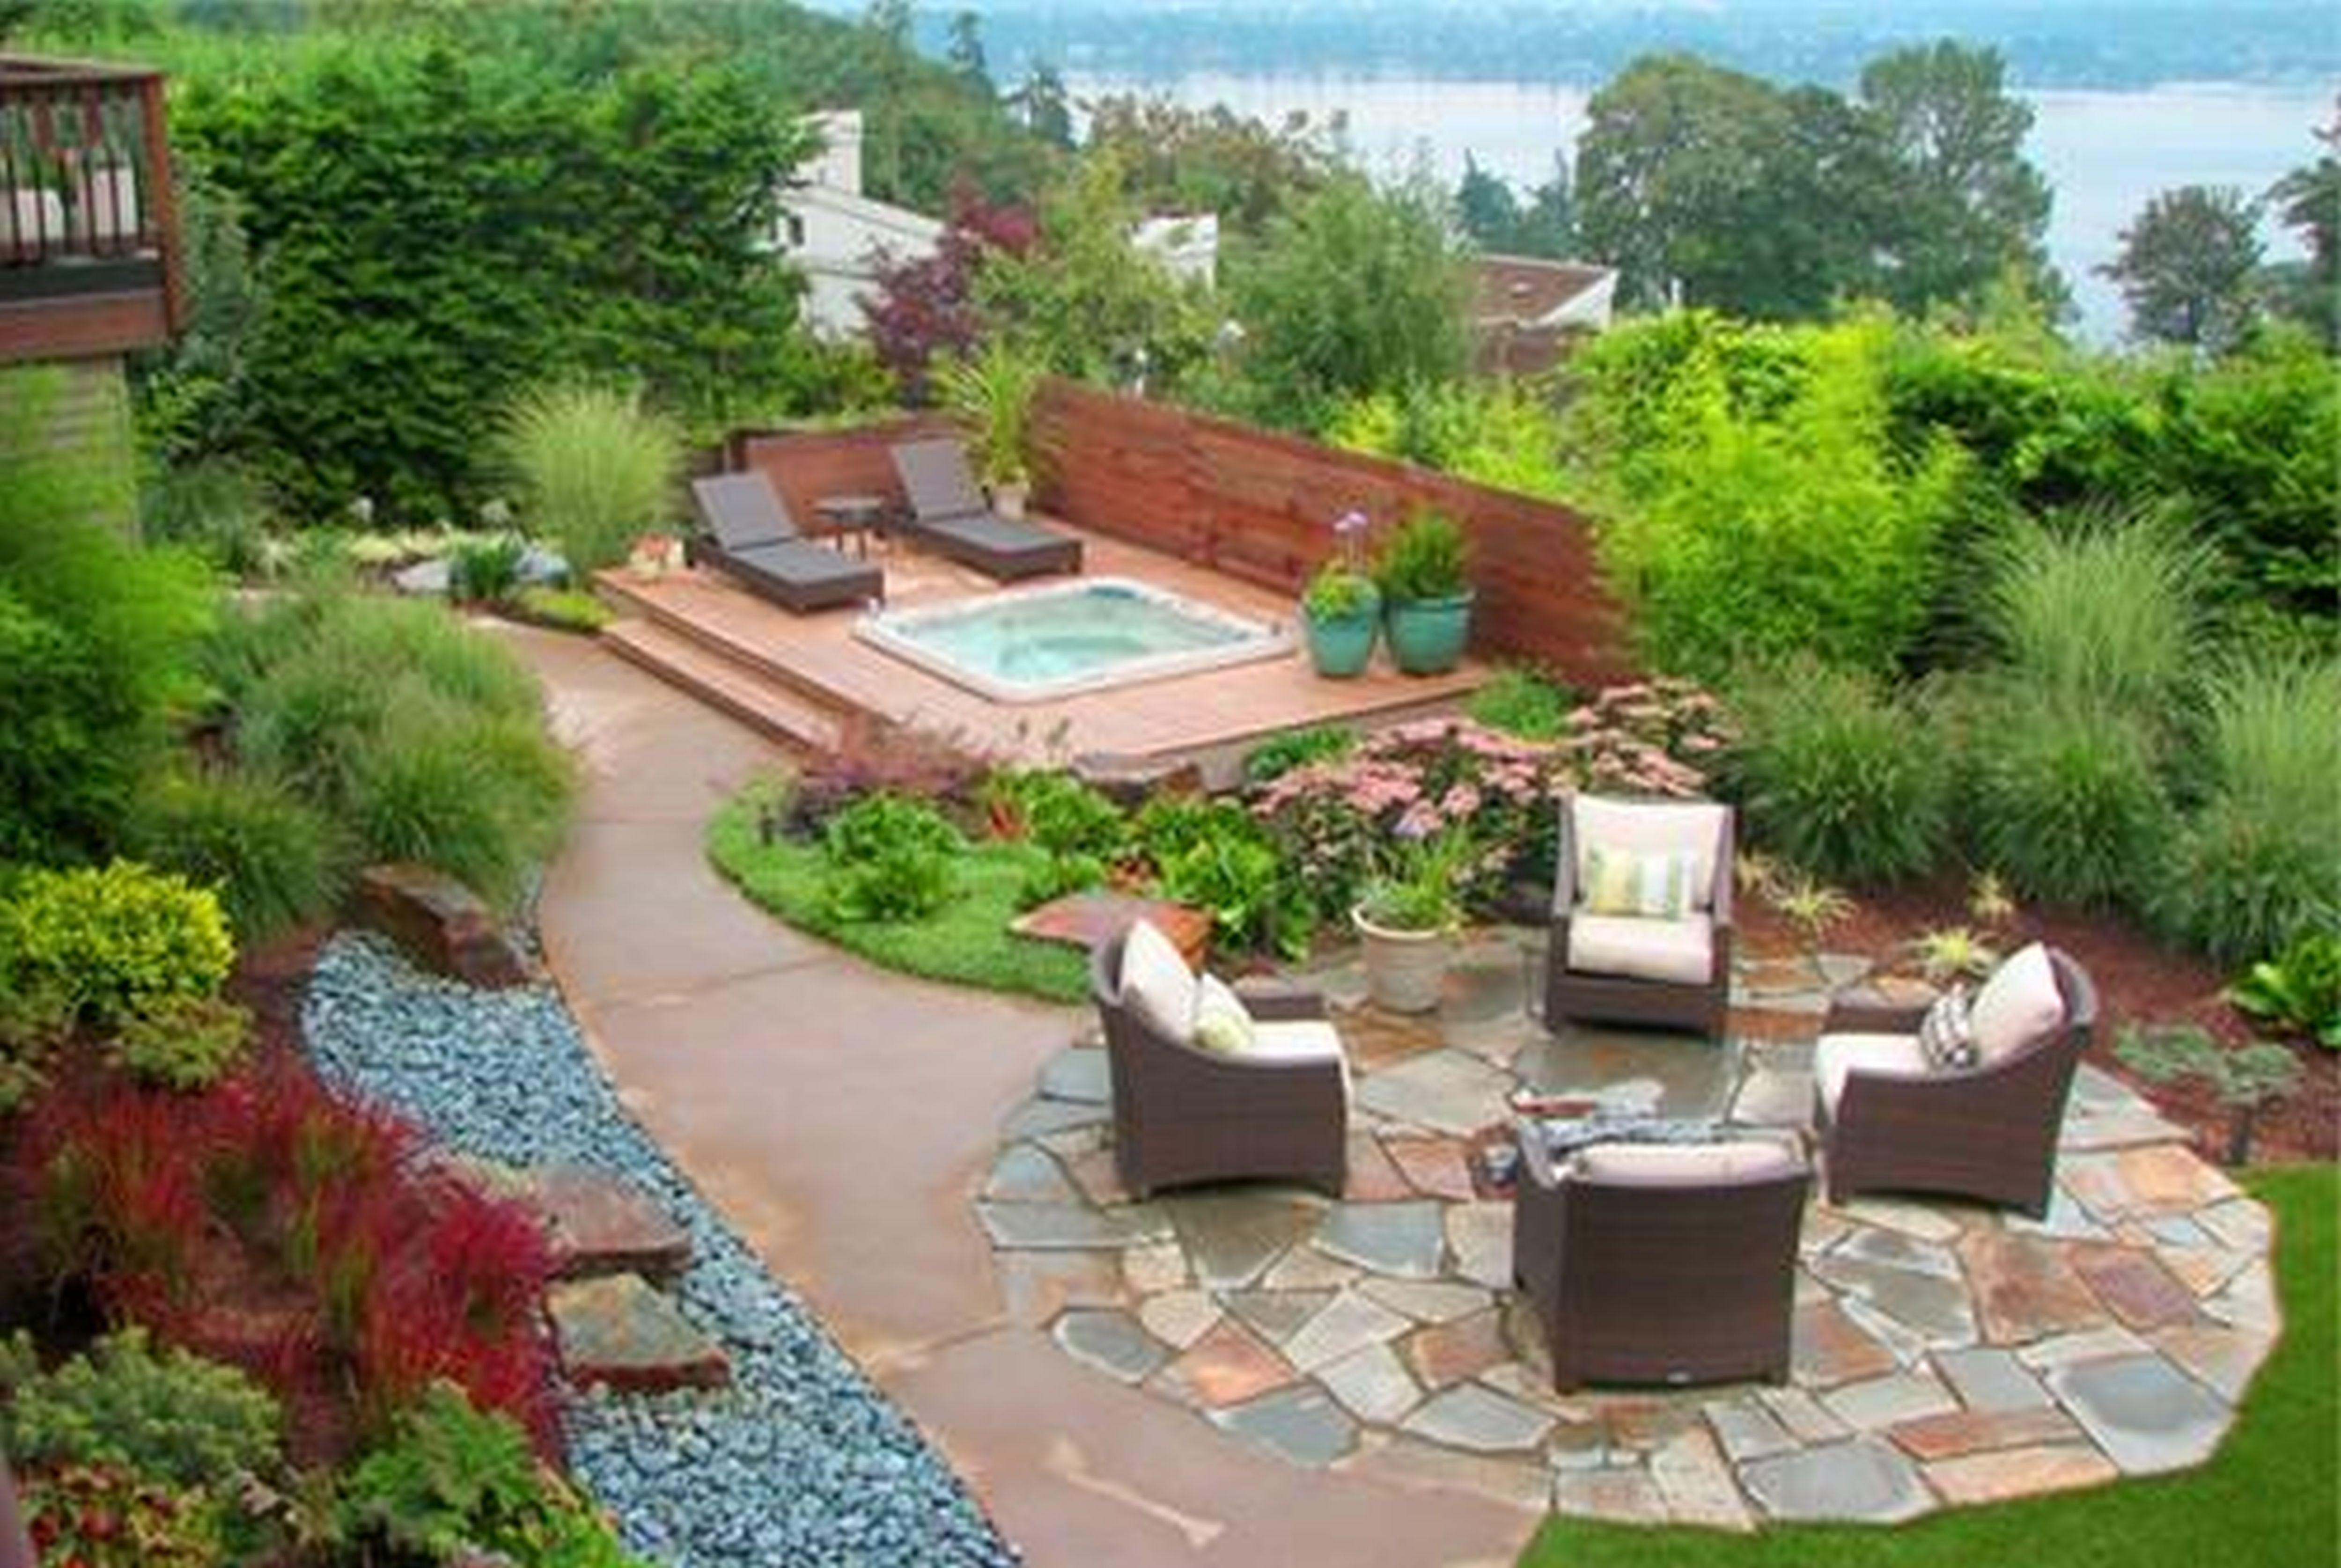 Landscape Design Ideas Pictures 24 beautiful backyard landscape design ideas 4 Precioso Jardin Jardines Pinterest